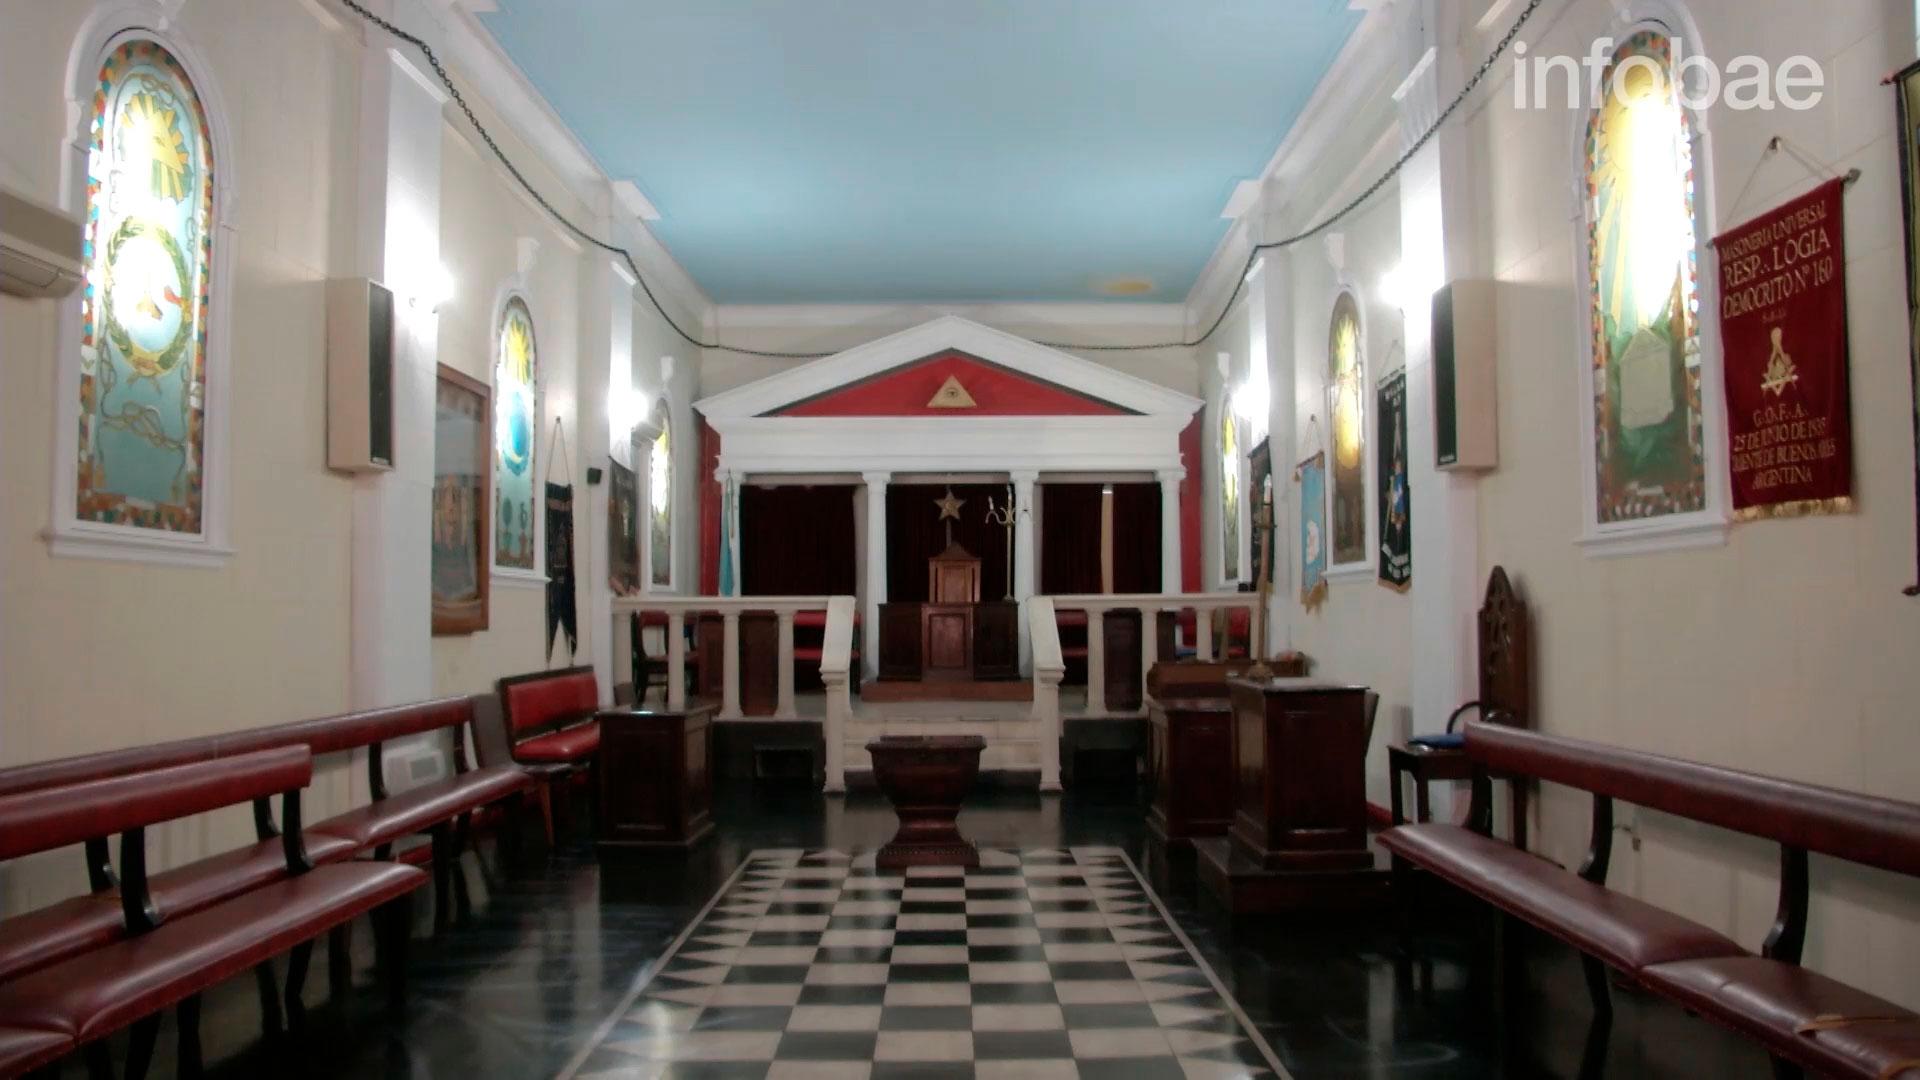 El interior de la sede a central de la masonería en nuestro país, situada en ese palacio desde 1872